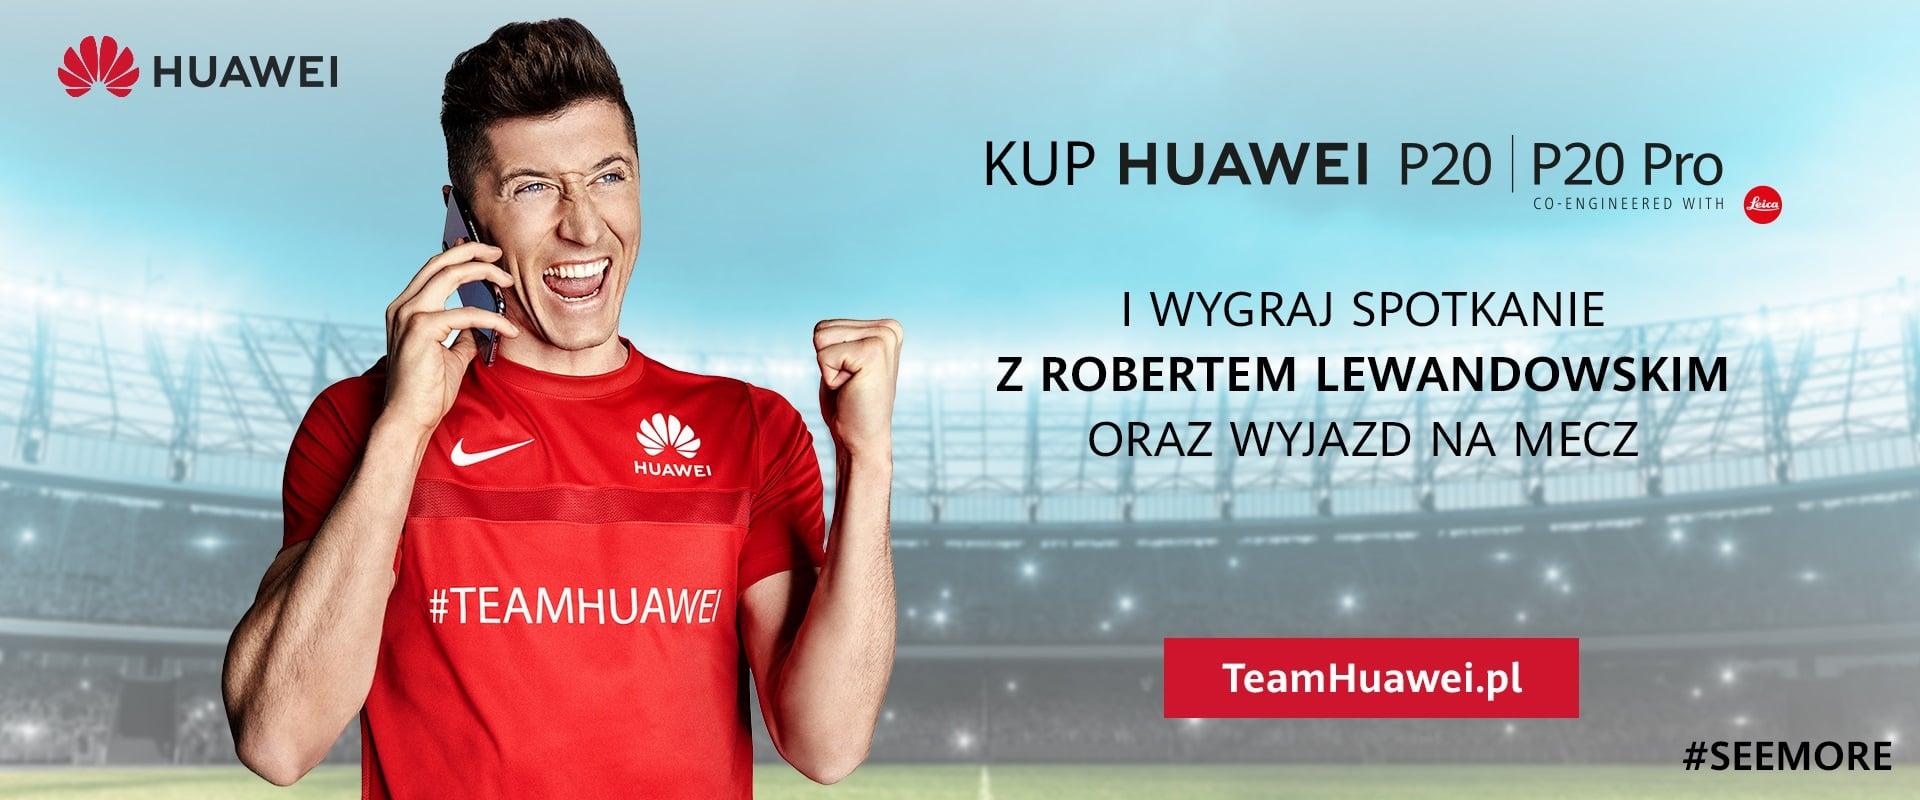 Tabletowo.pl Niepowtarzalna okazja: wygraj spotkanie z Robertem Lewandowskim i bilety na mecz ligowy z jego udziałem Android Huawei Konkursy Smartfony